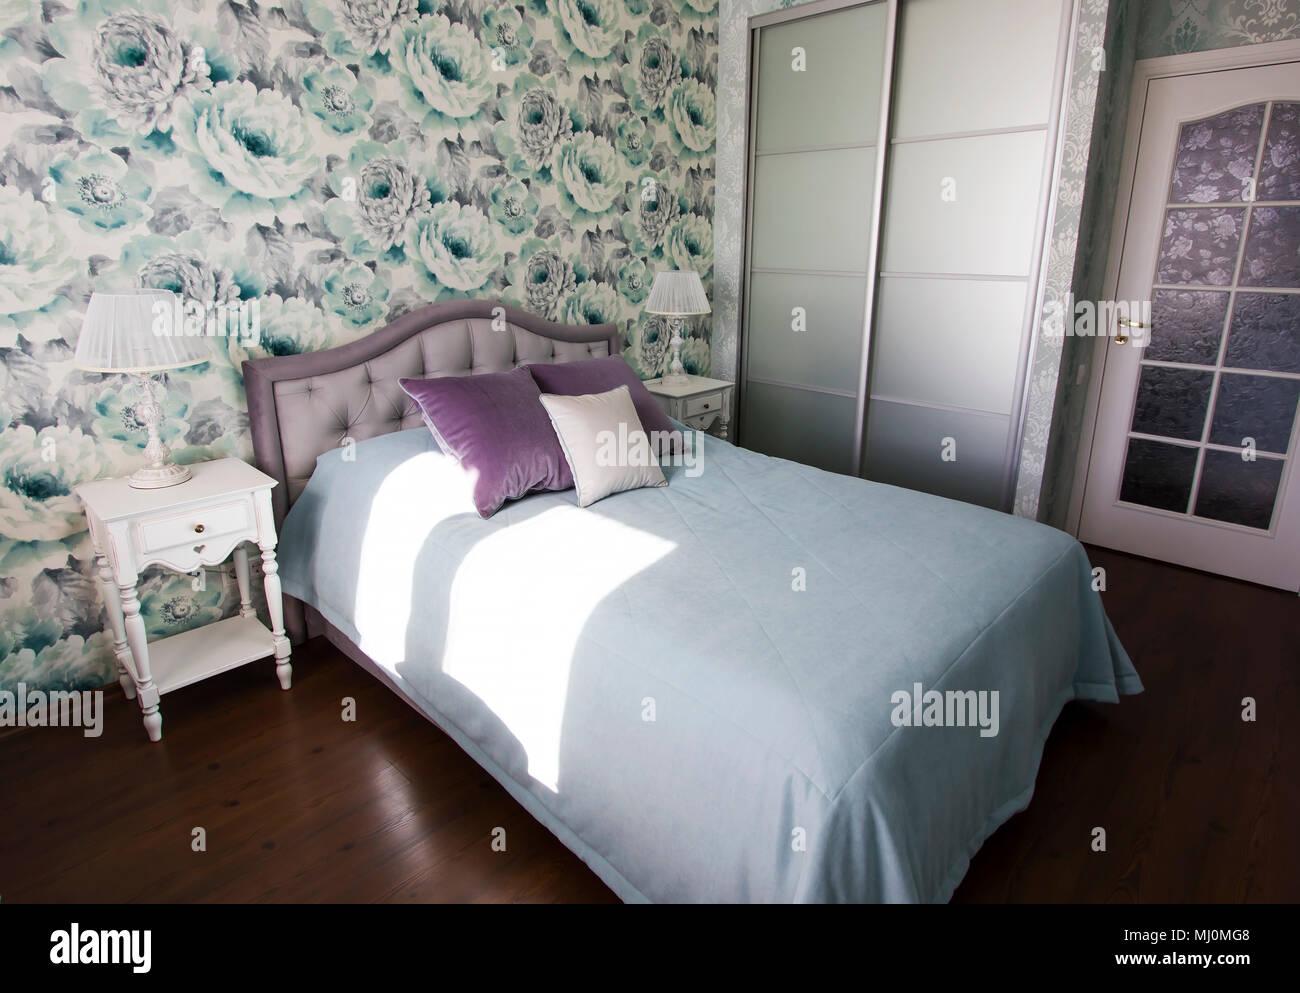 schlafzimmer in der provence stil in blau und lila farben hellen modernen interieur stockfoto. Black Bedroom Furniture Sets. Home Design Ideas